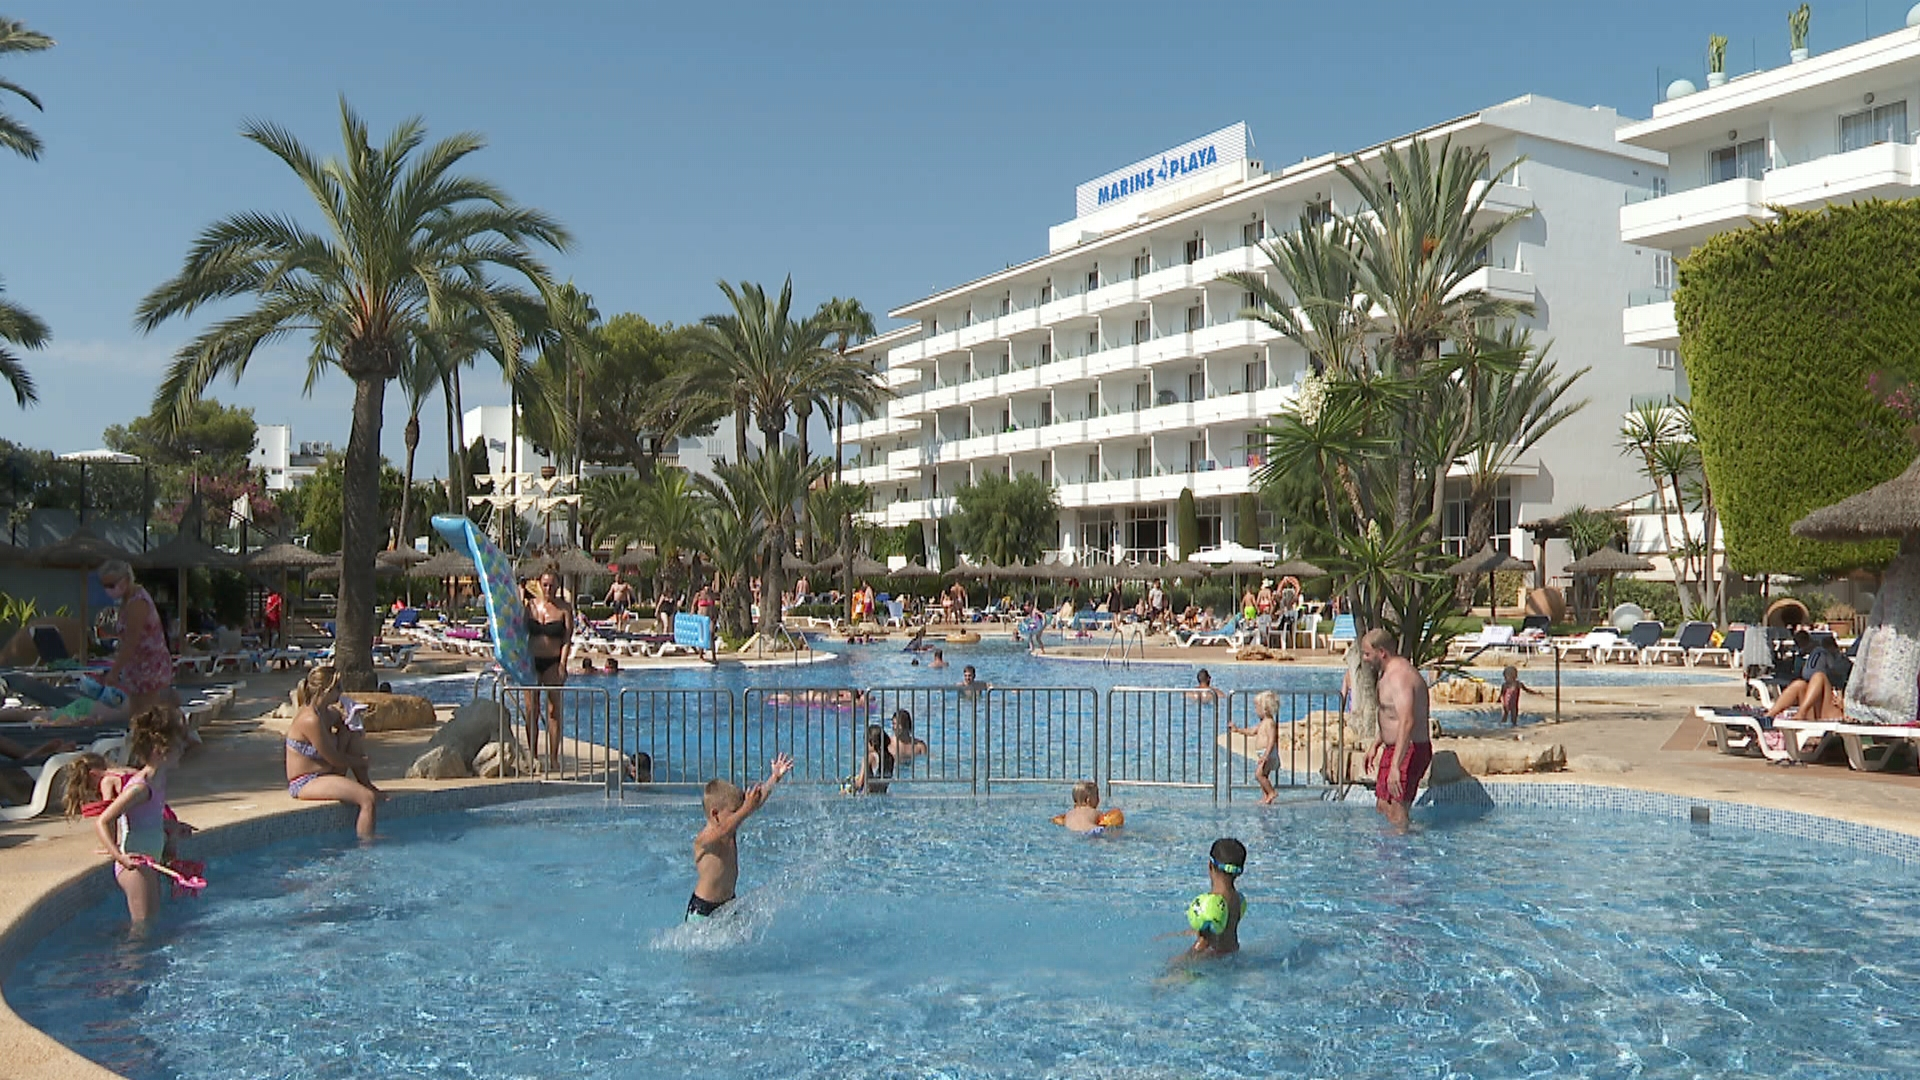 Els+hotelers+de+la+zona+de+costa+de+Cala+Millor+tanquen+l%26apos%3Bagost+amb+un+60%2525+d%26apos%3Bocupaci%C3%B3